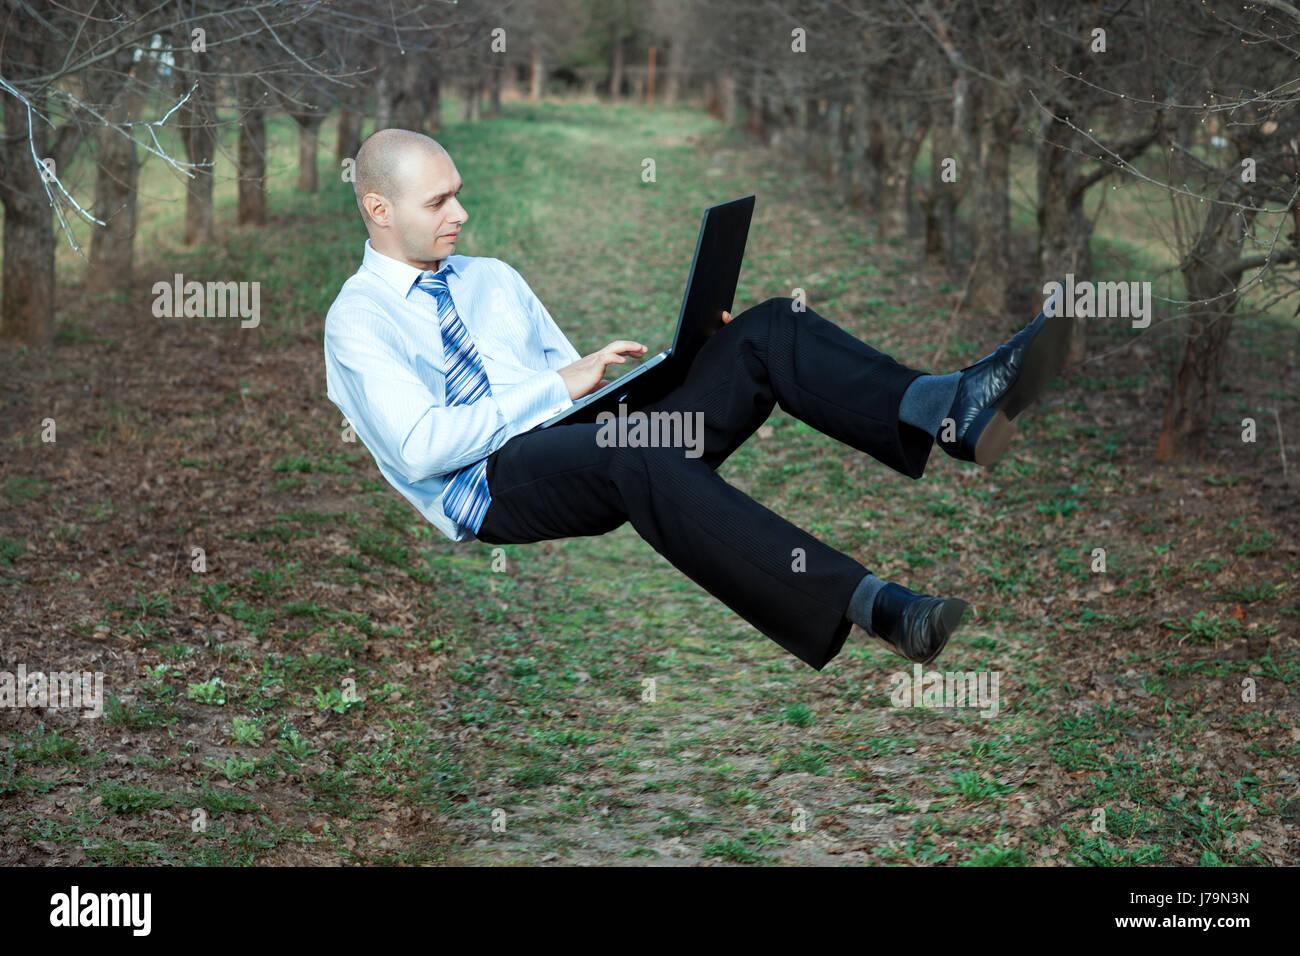 Hombre volando en el aire. En sus manos él está sosteniendo un portátil. Imagen De Stock